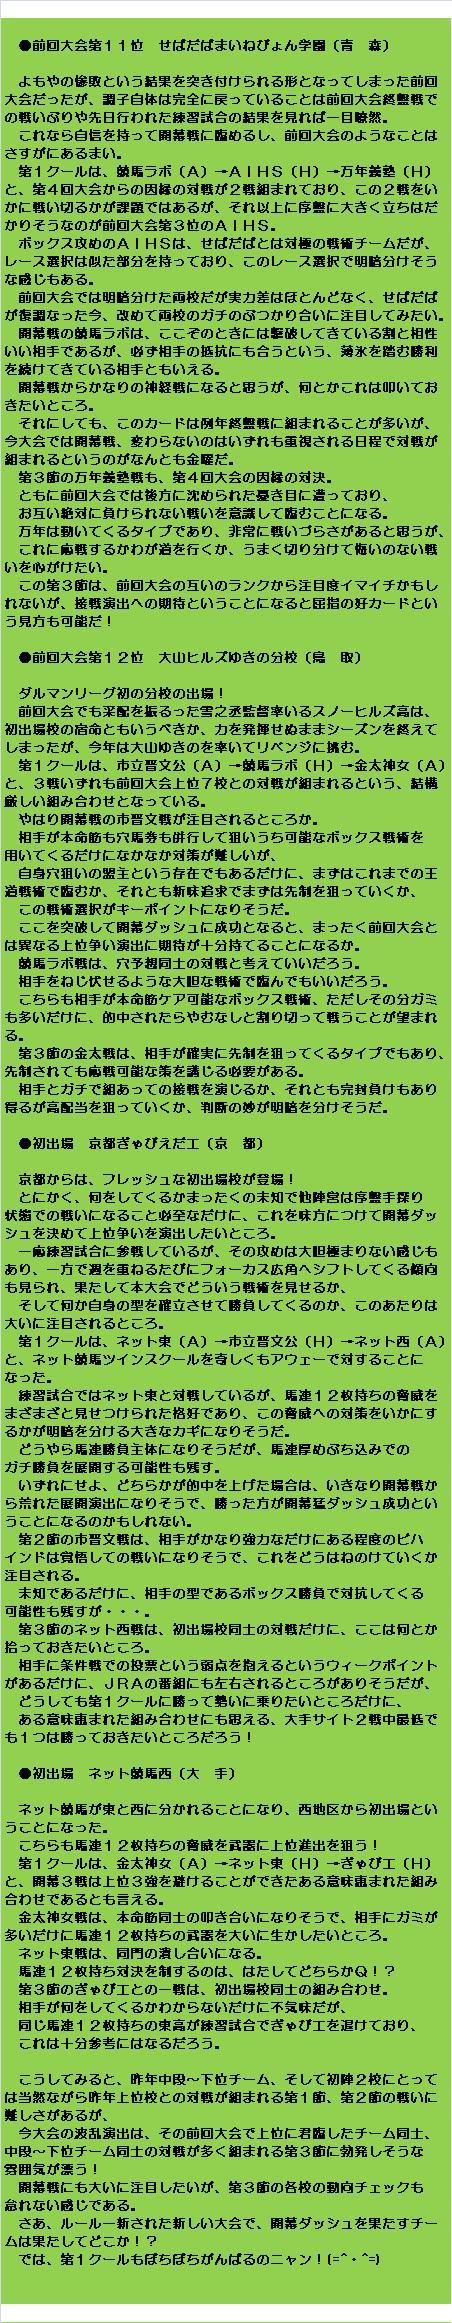 20150622・ダルマンリーグ第1クール展望③.jpg